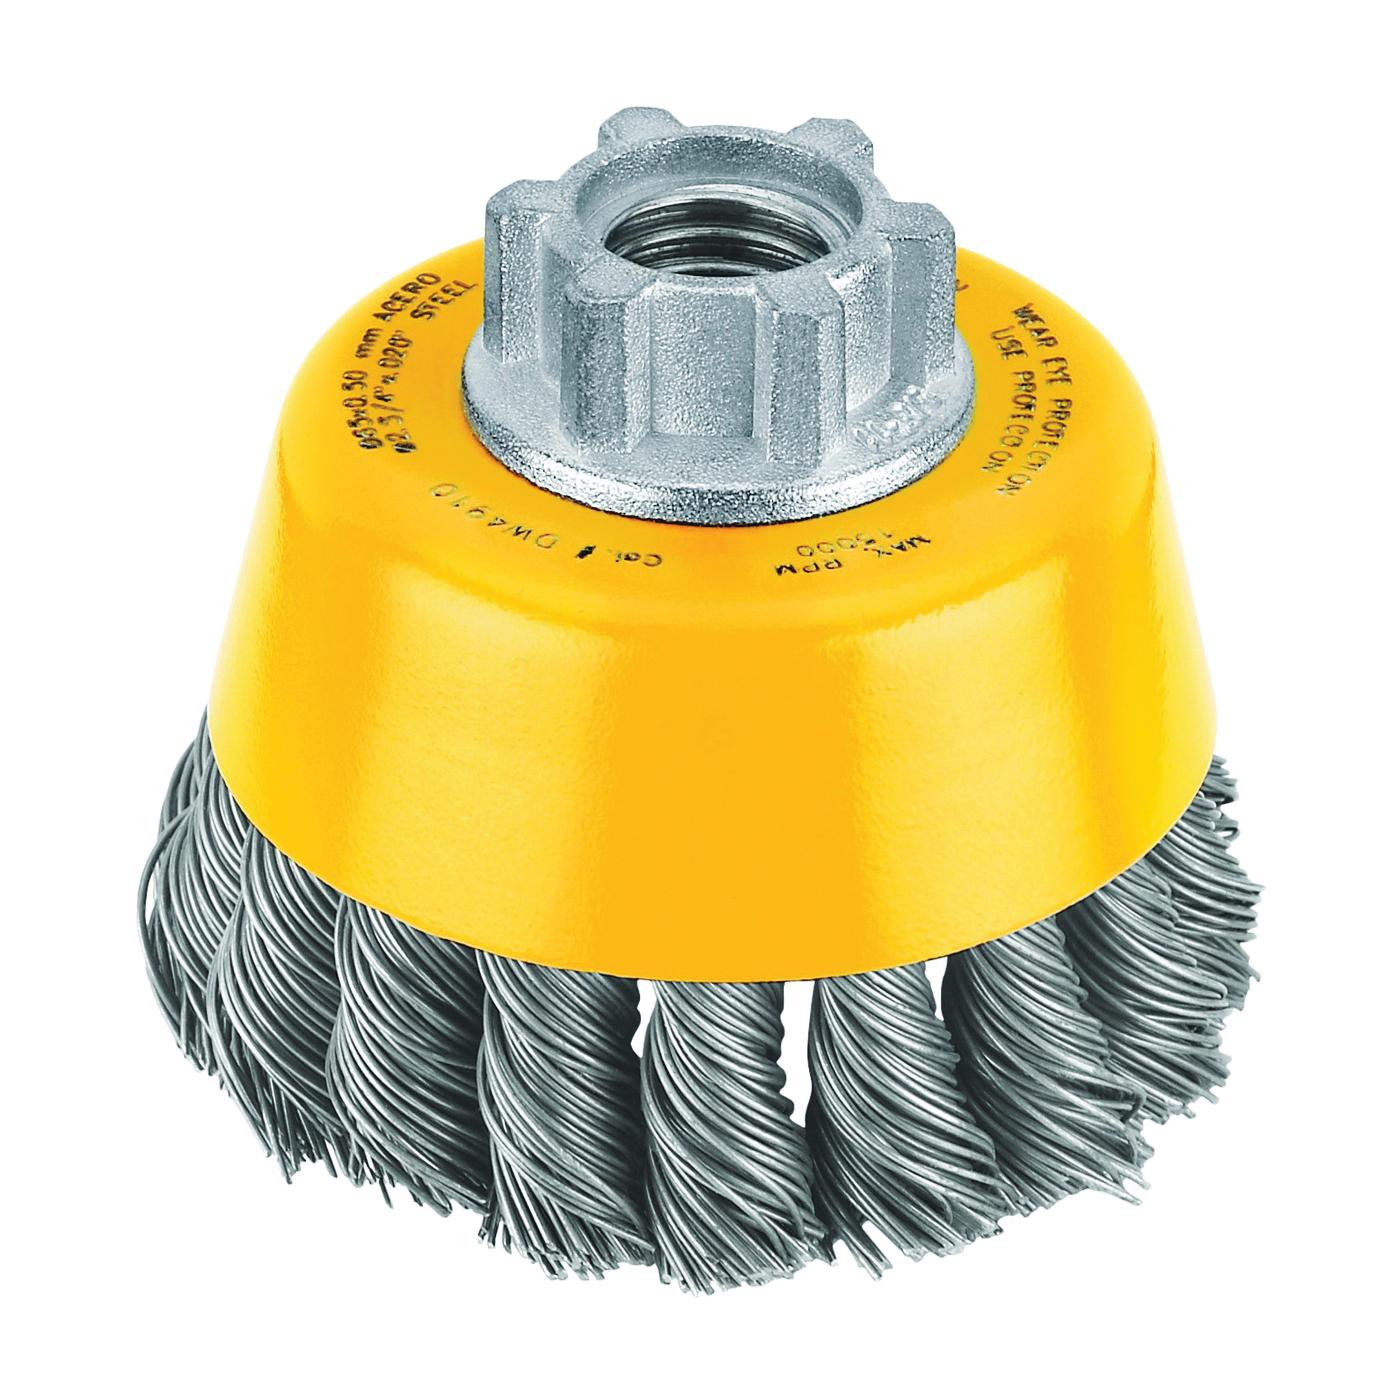 Picture of DeWALT DW4910 Wire Cup Brush, 3 in Dia, 5/8-11 Arbor/Shank, 0.02 in Dia Bristle